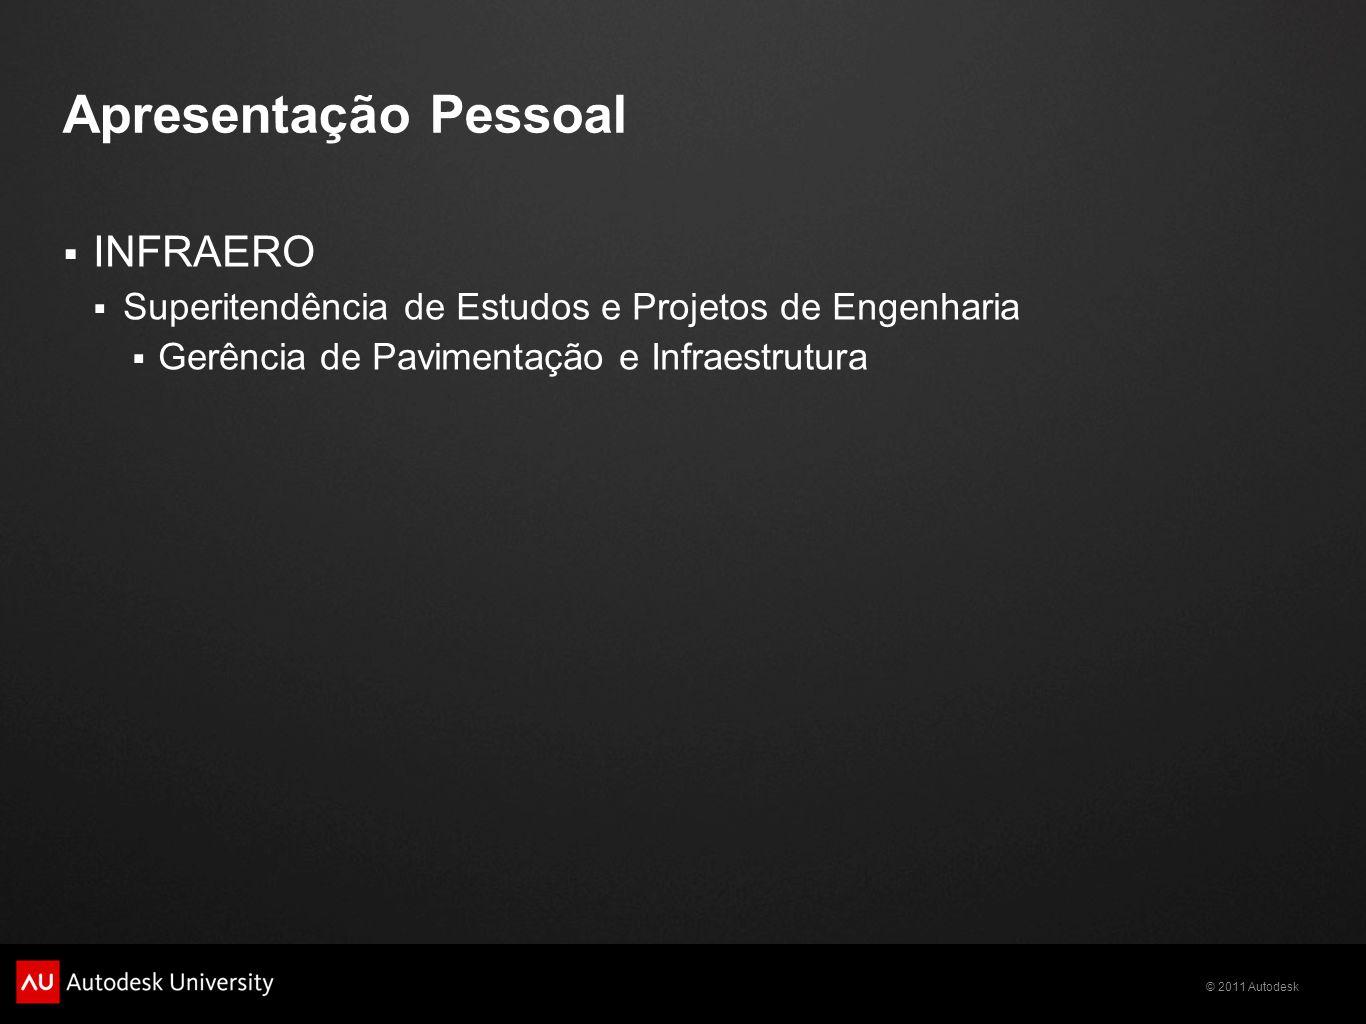 © 2011 Autodesk Apresentação Pessoal INFRAERO Superitendência de Estudos e Projetos de Engenharia Gerência de Pavimentação e Infraestrutura